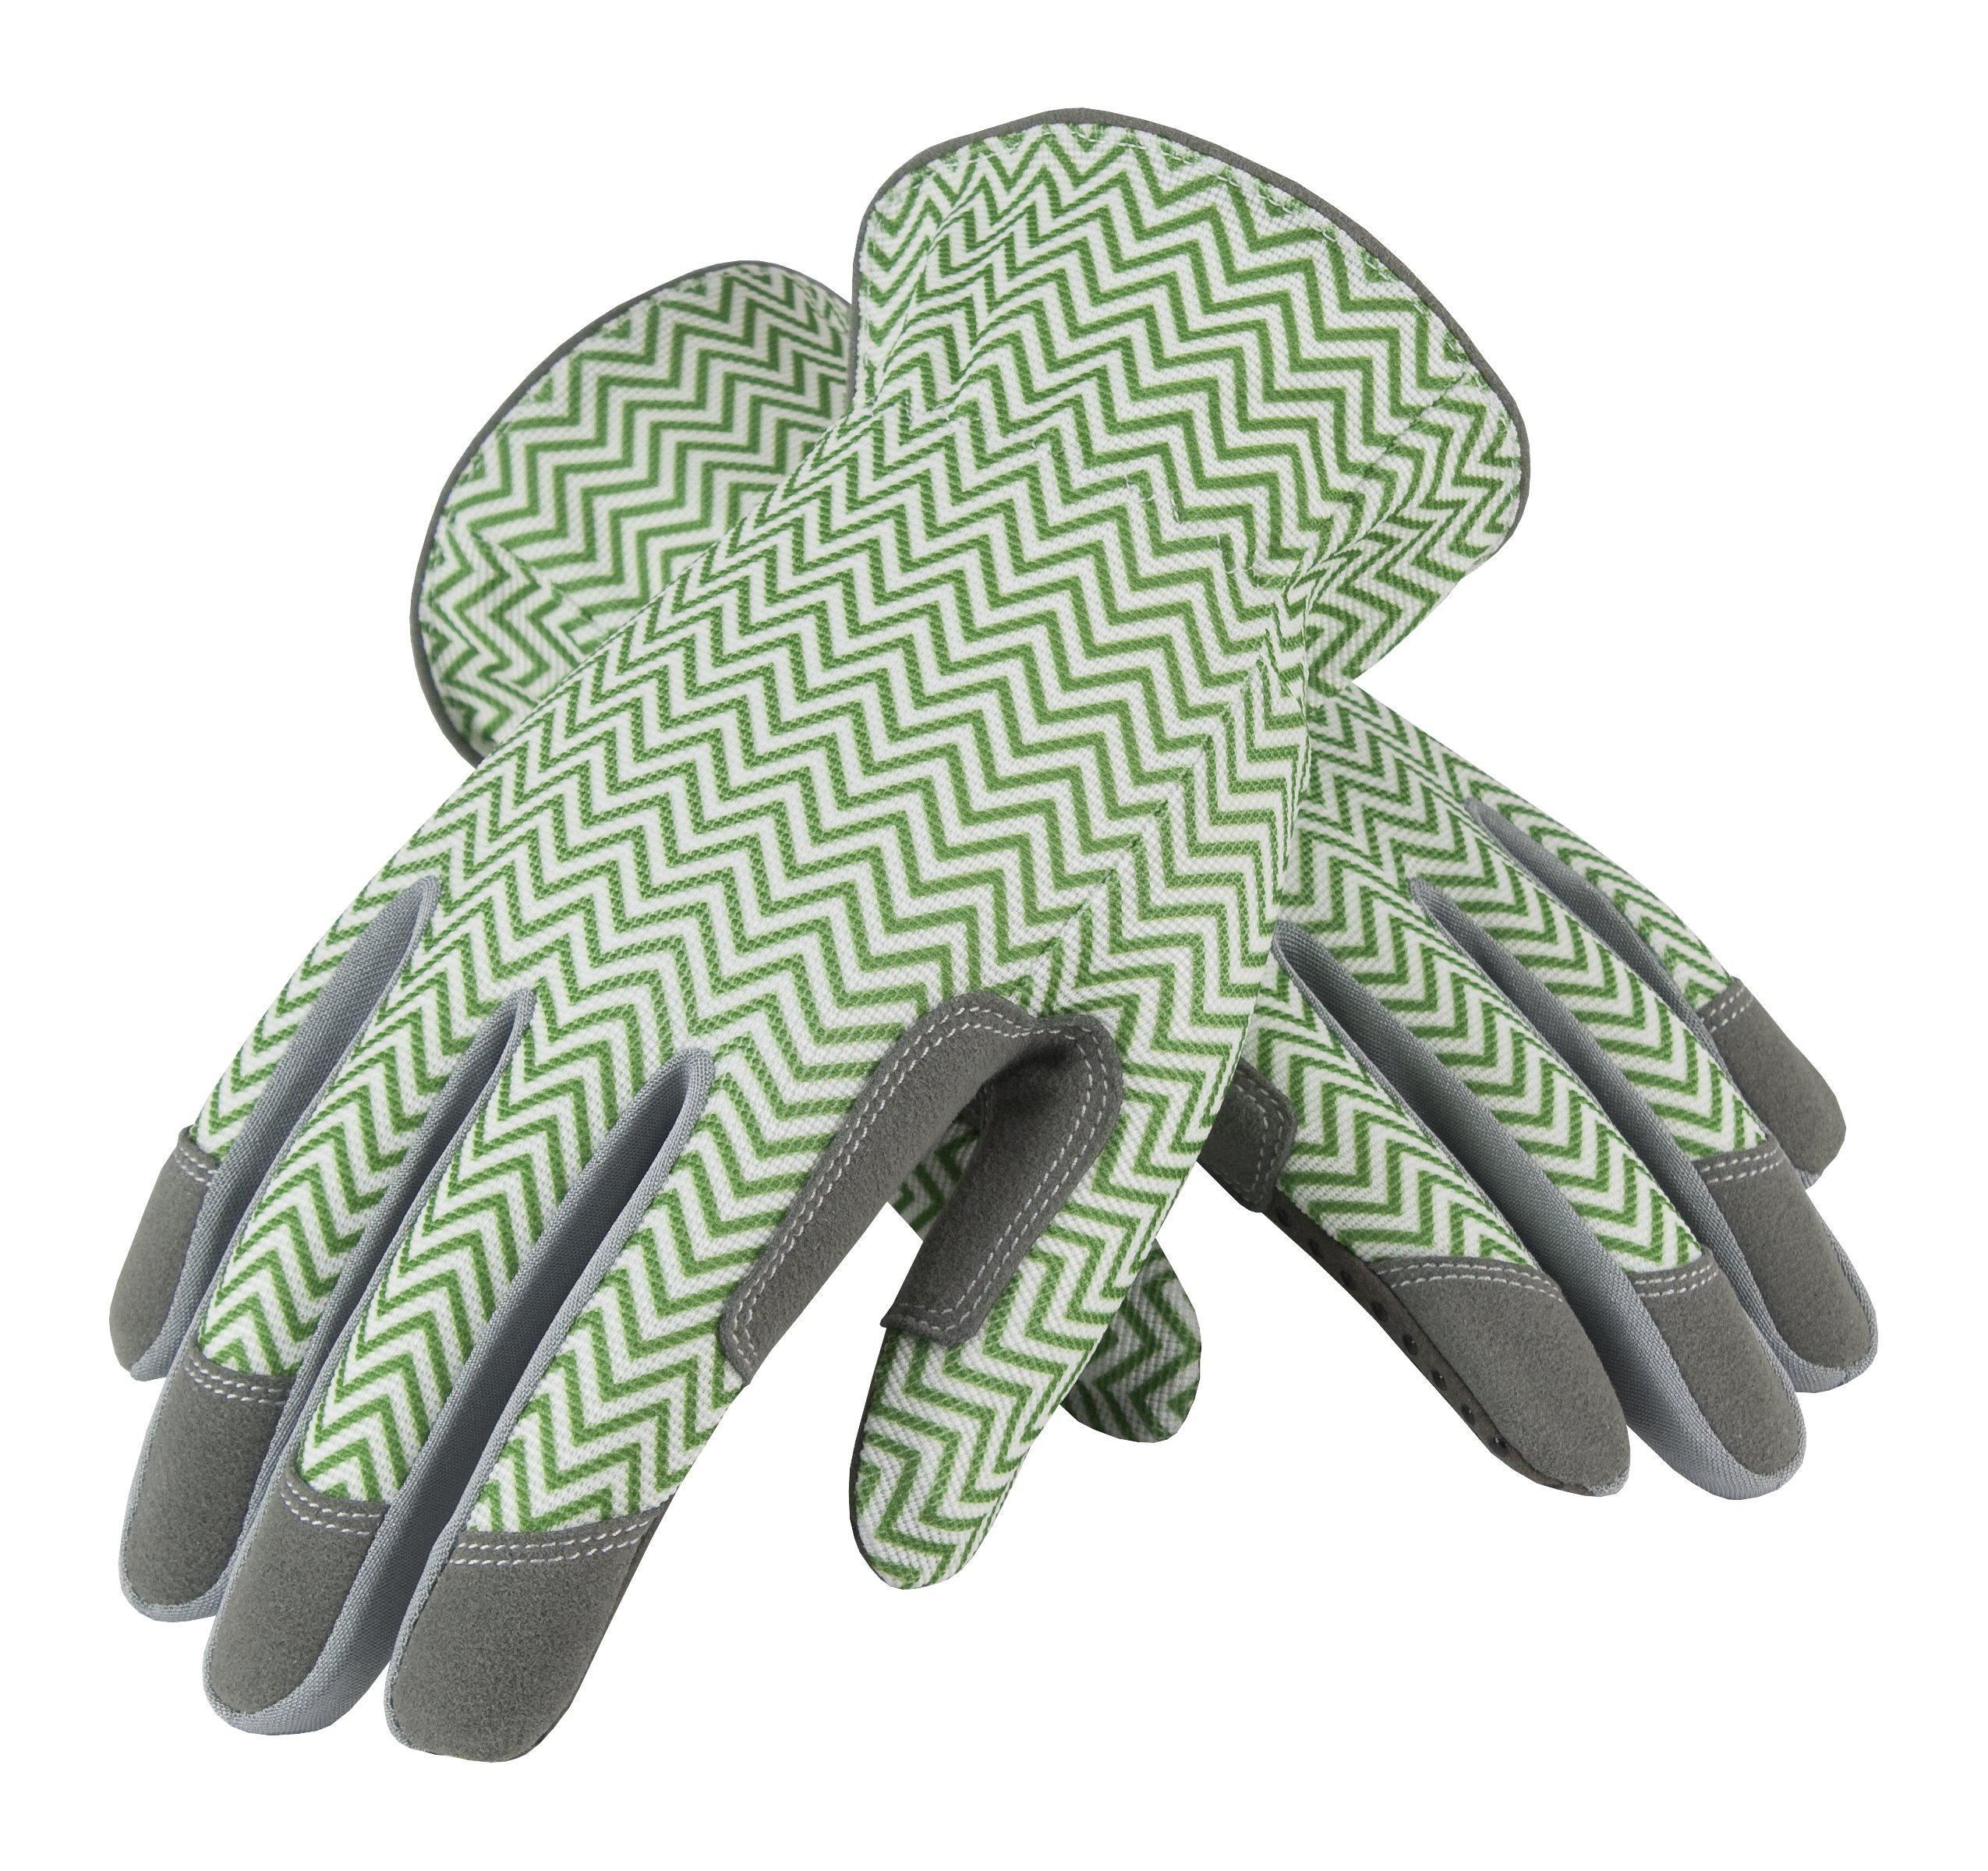 Safety Works 031G/M Mud Zig Zag, Medium, Green/White by Safety Works